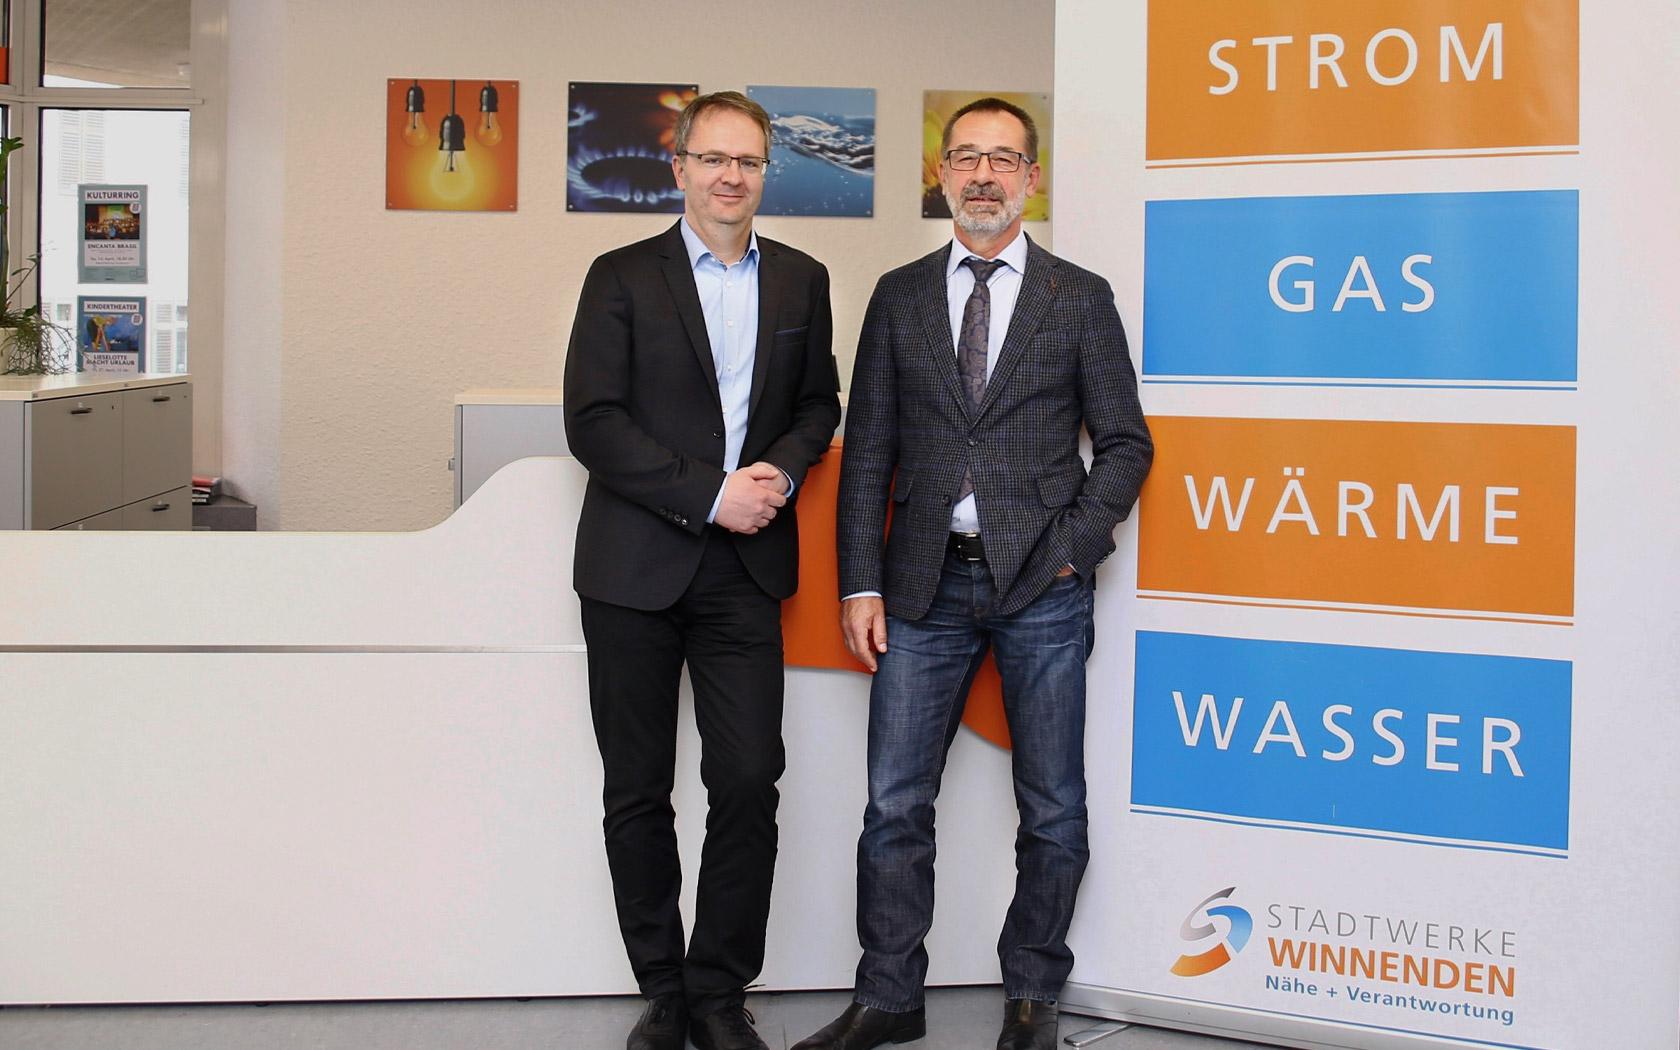 Stadtwerke Winnenden: Unternehmen Herr Mulfinger, Herr Schwarz